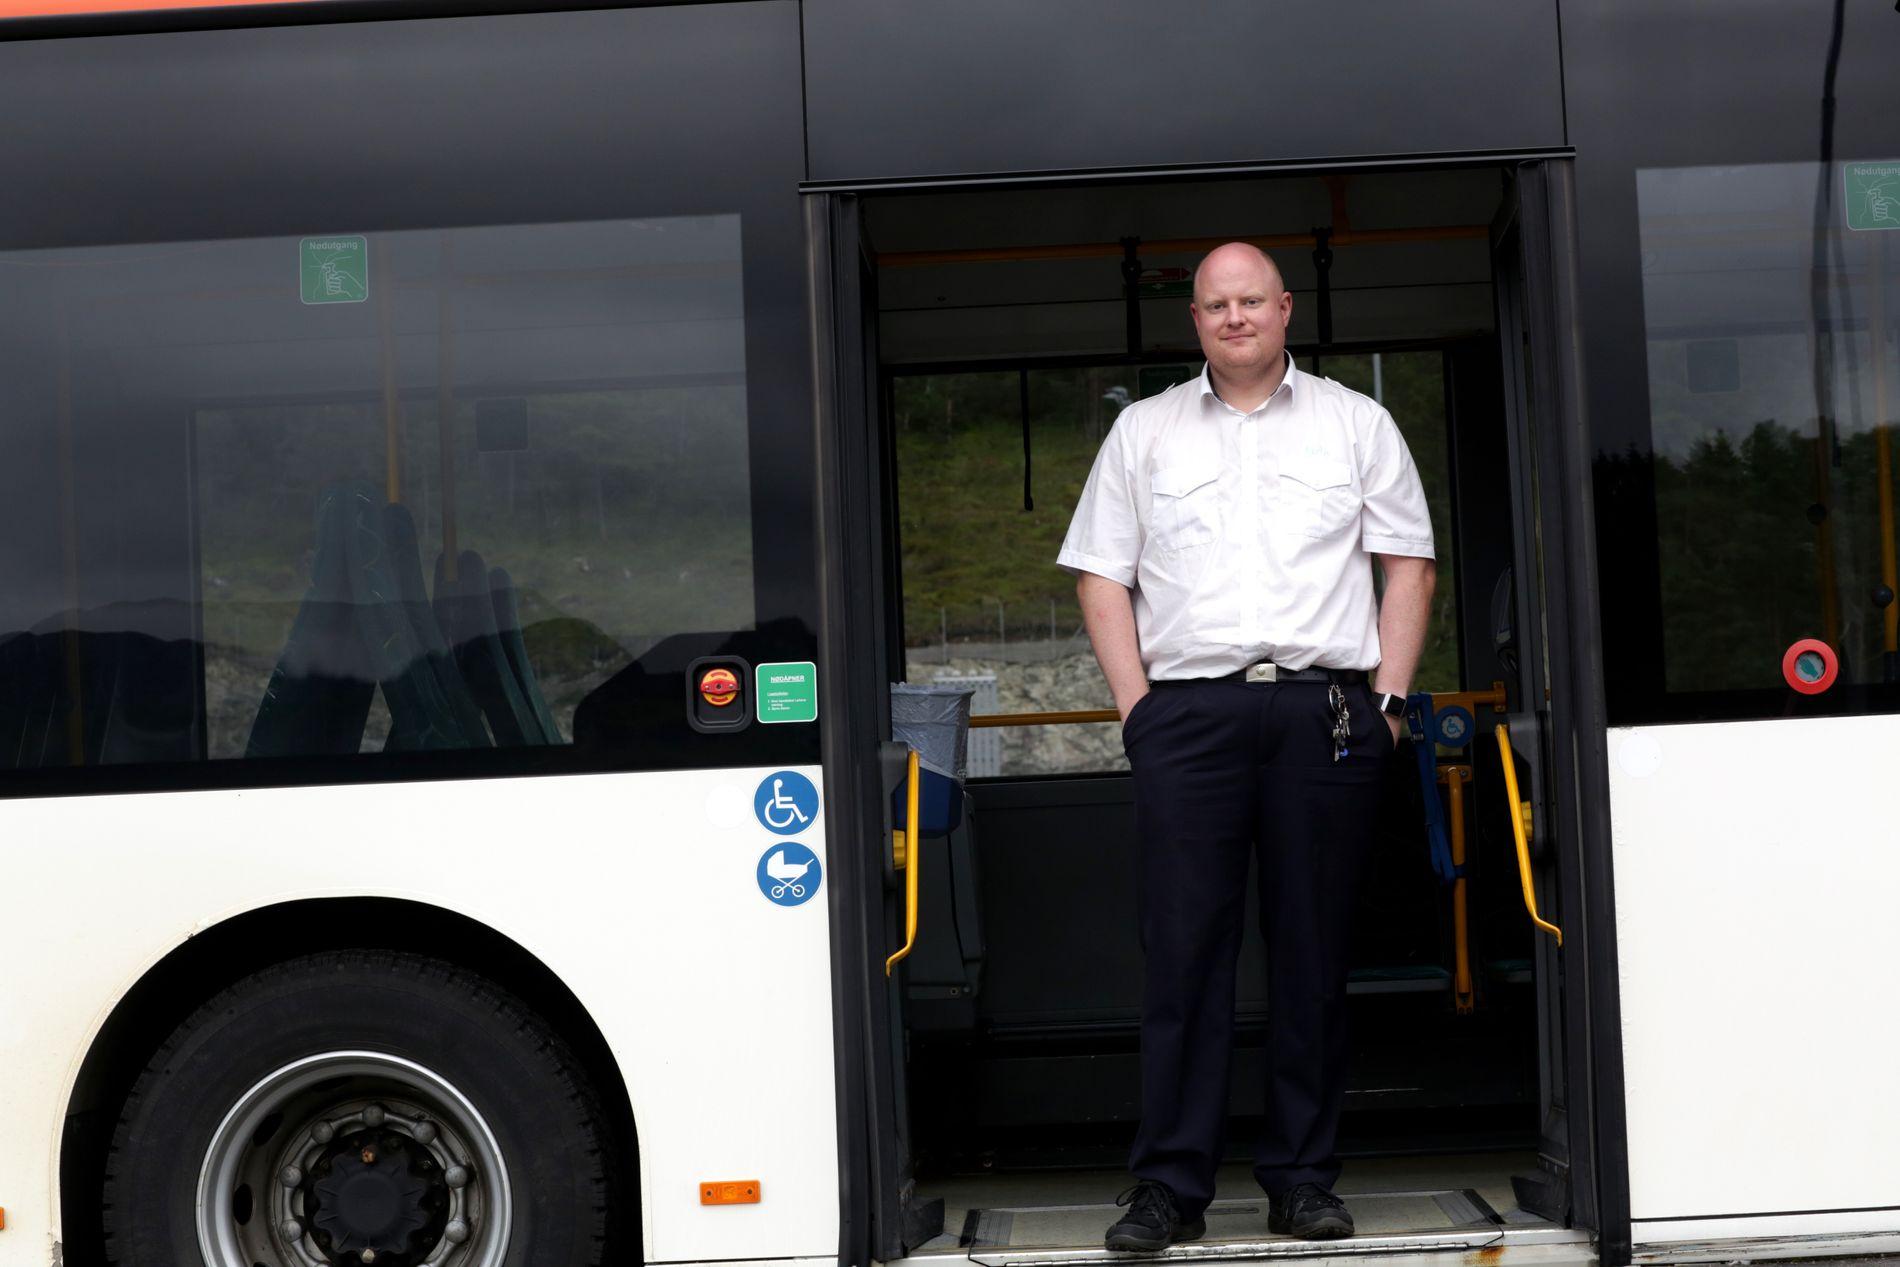 PENGESPØRSMÅL: Dessverre virker det ikke som om fylkeskommunen er interessert i å bruke ekstra penger på sine innbyggere når det er store arrangementer i byen, skriver bussjåfør Kim Bjarte Namtveit.